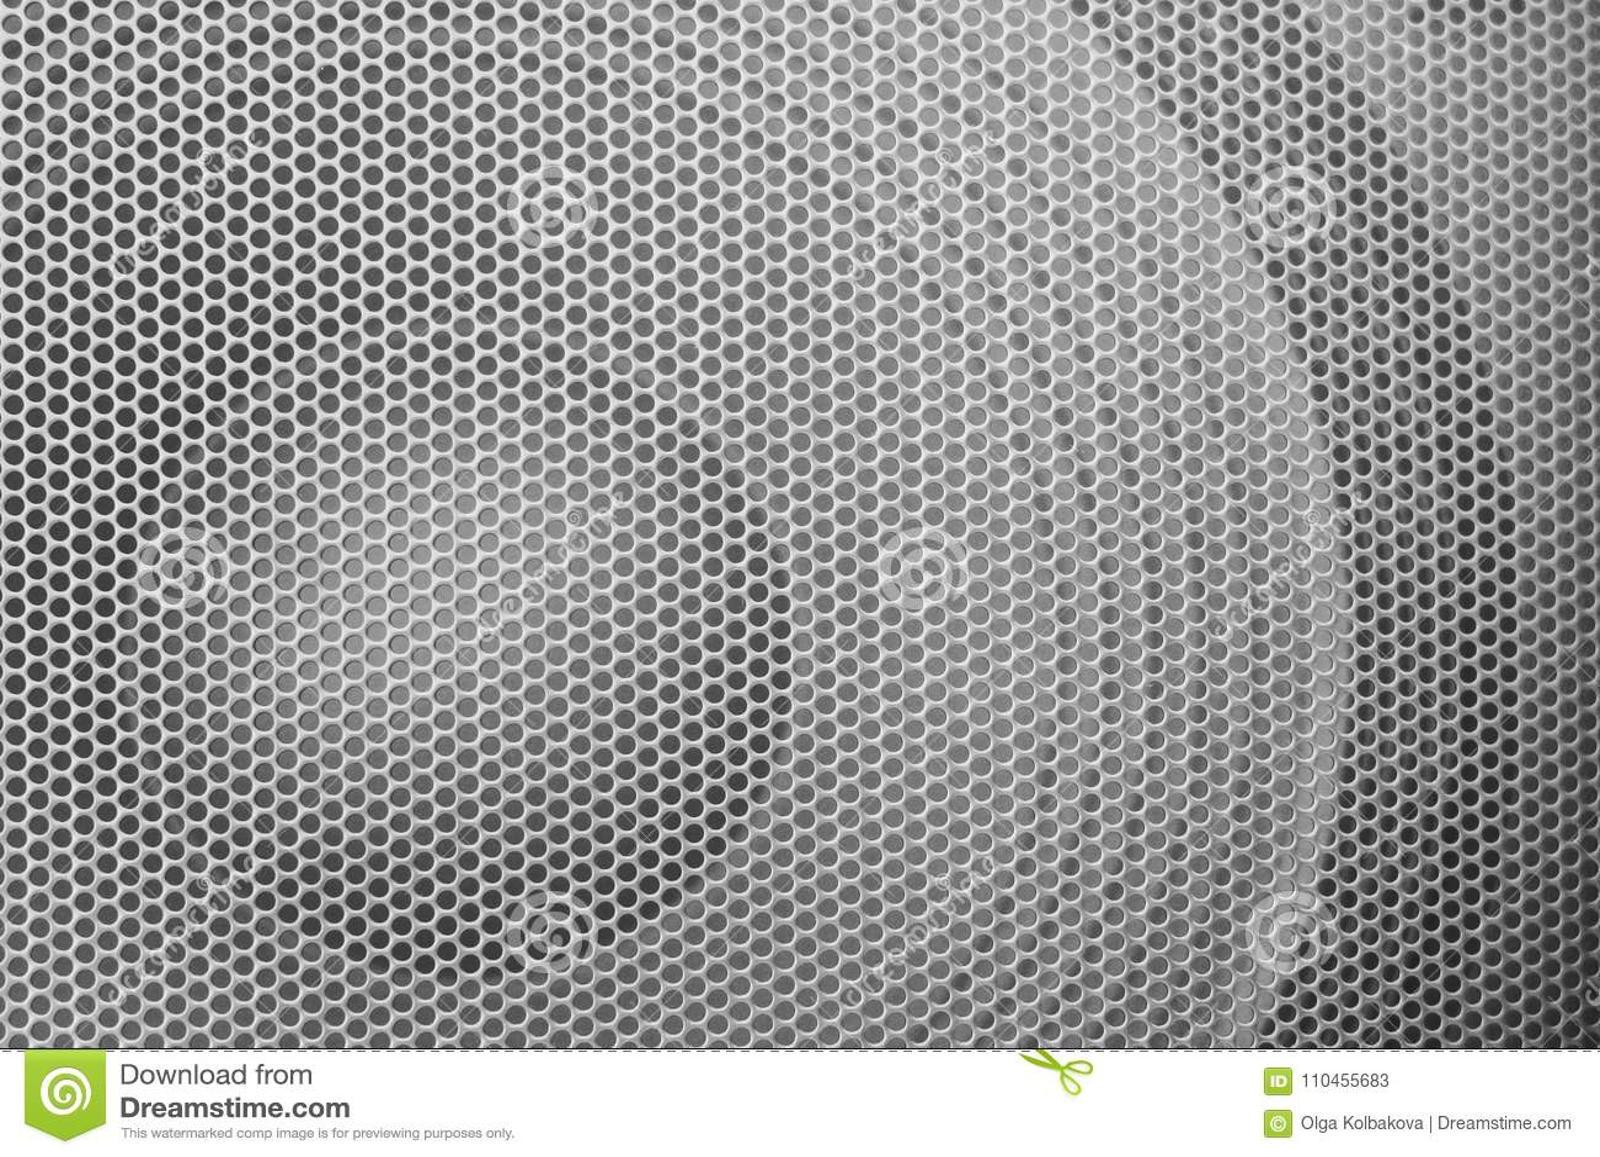 HögtalareGrillethe skyddsgaller från högtalaren